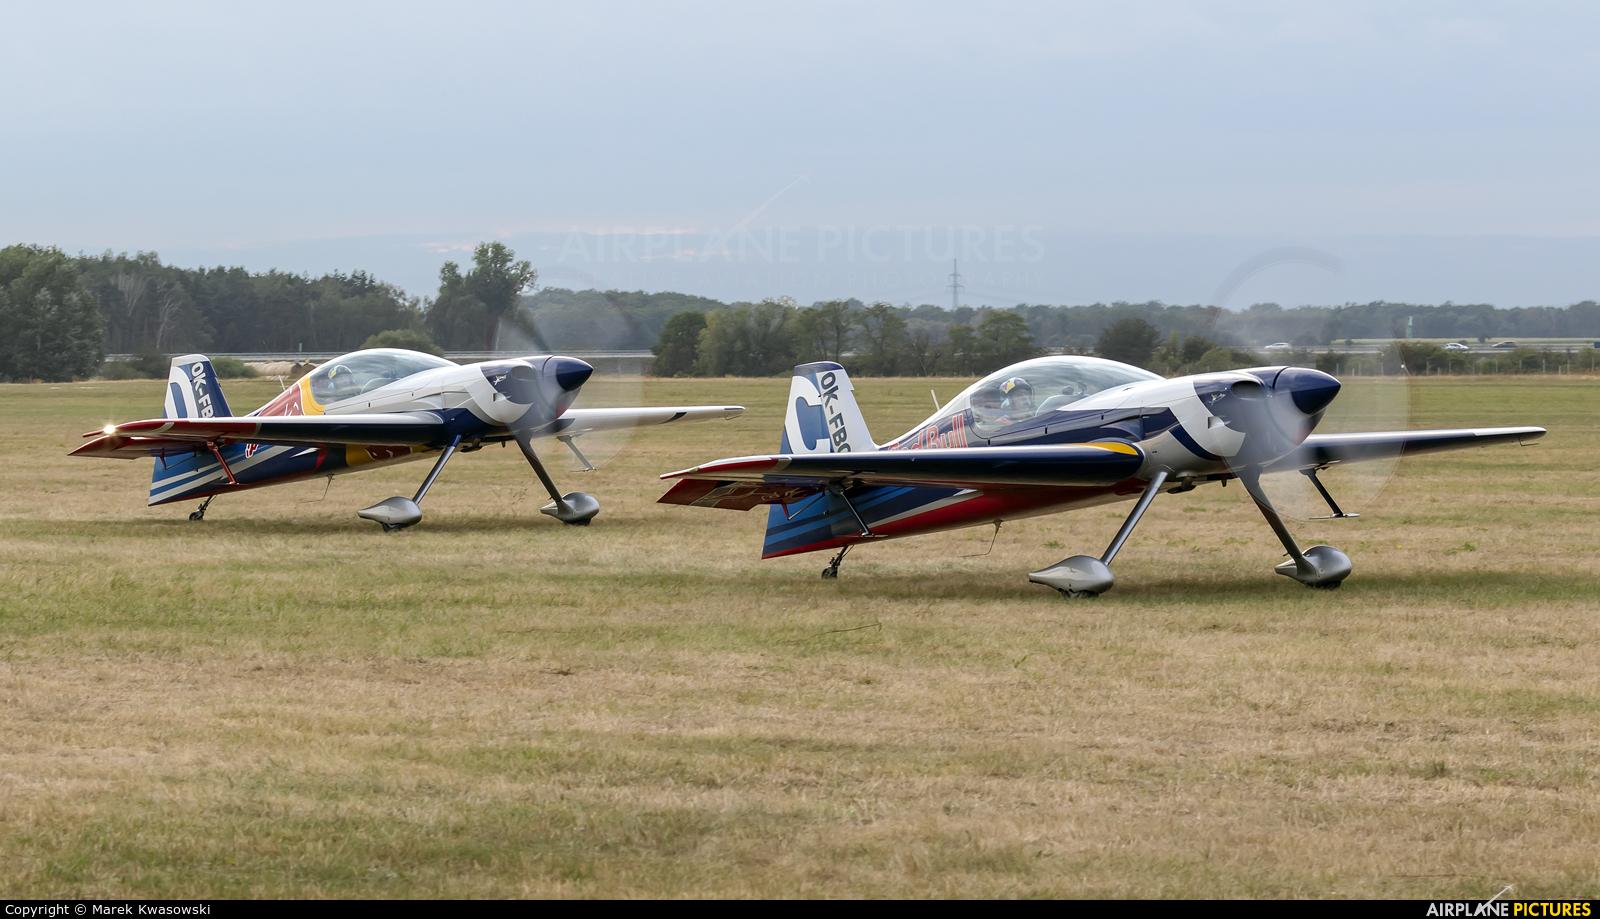 The Flying Bulls : Aerobatics Team OK-FBC aircraft at Leszno - Strzyżewice